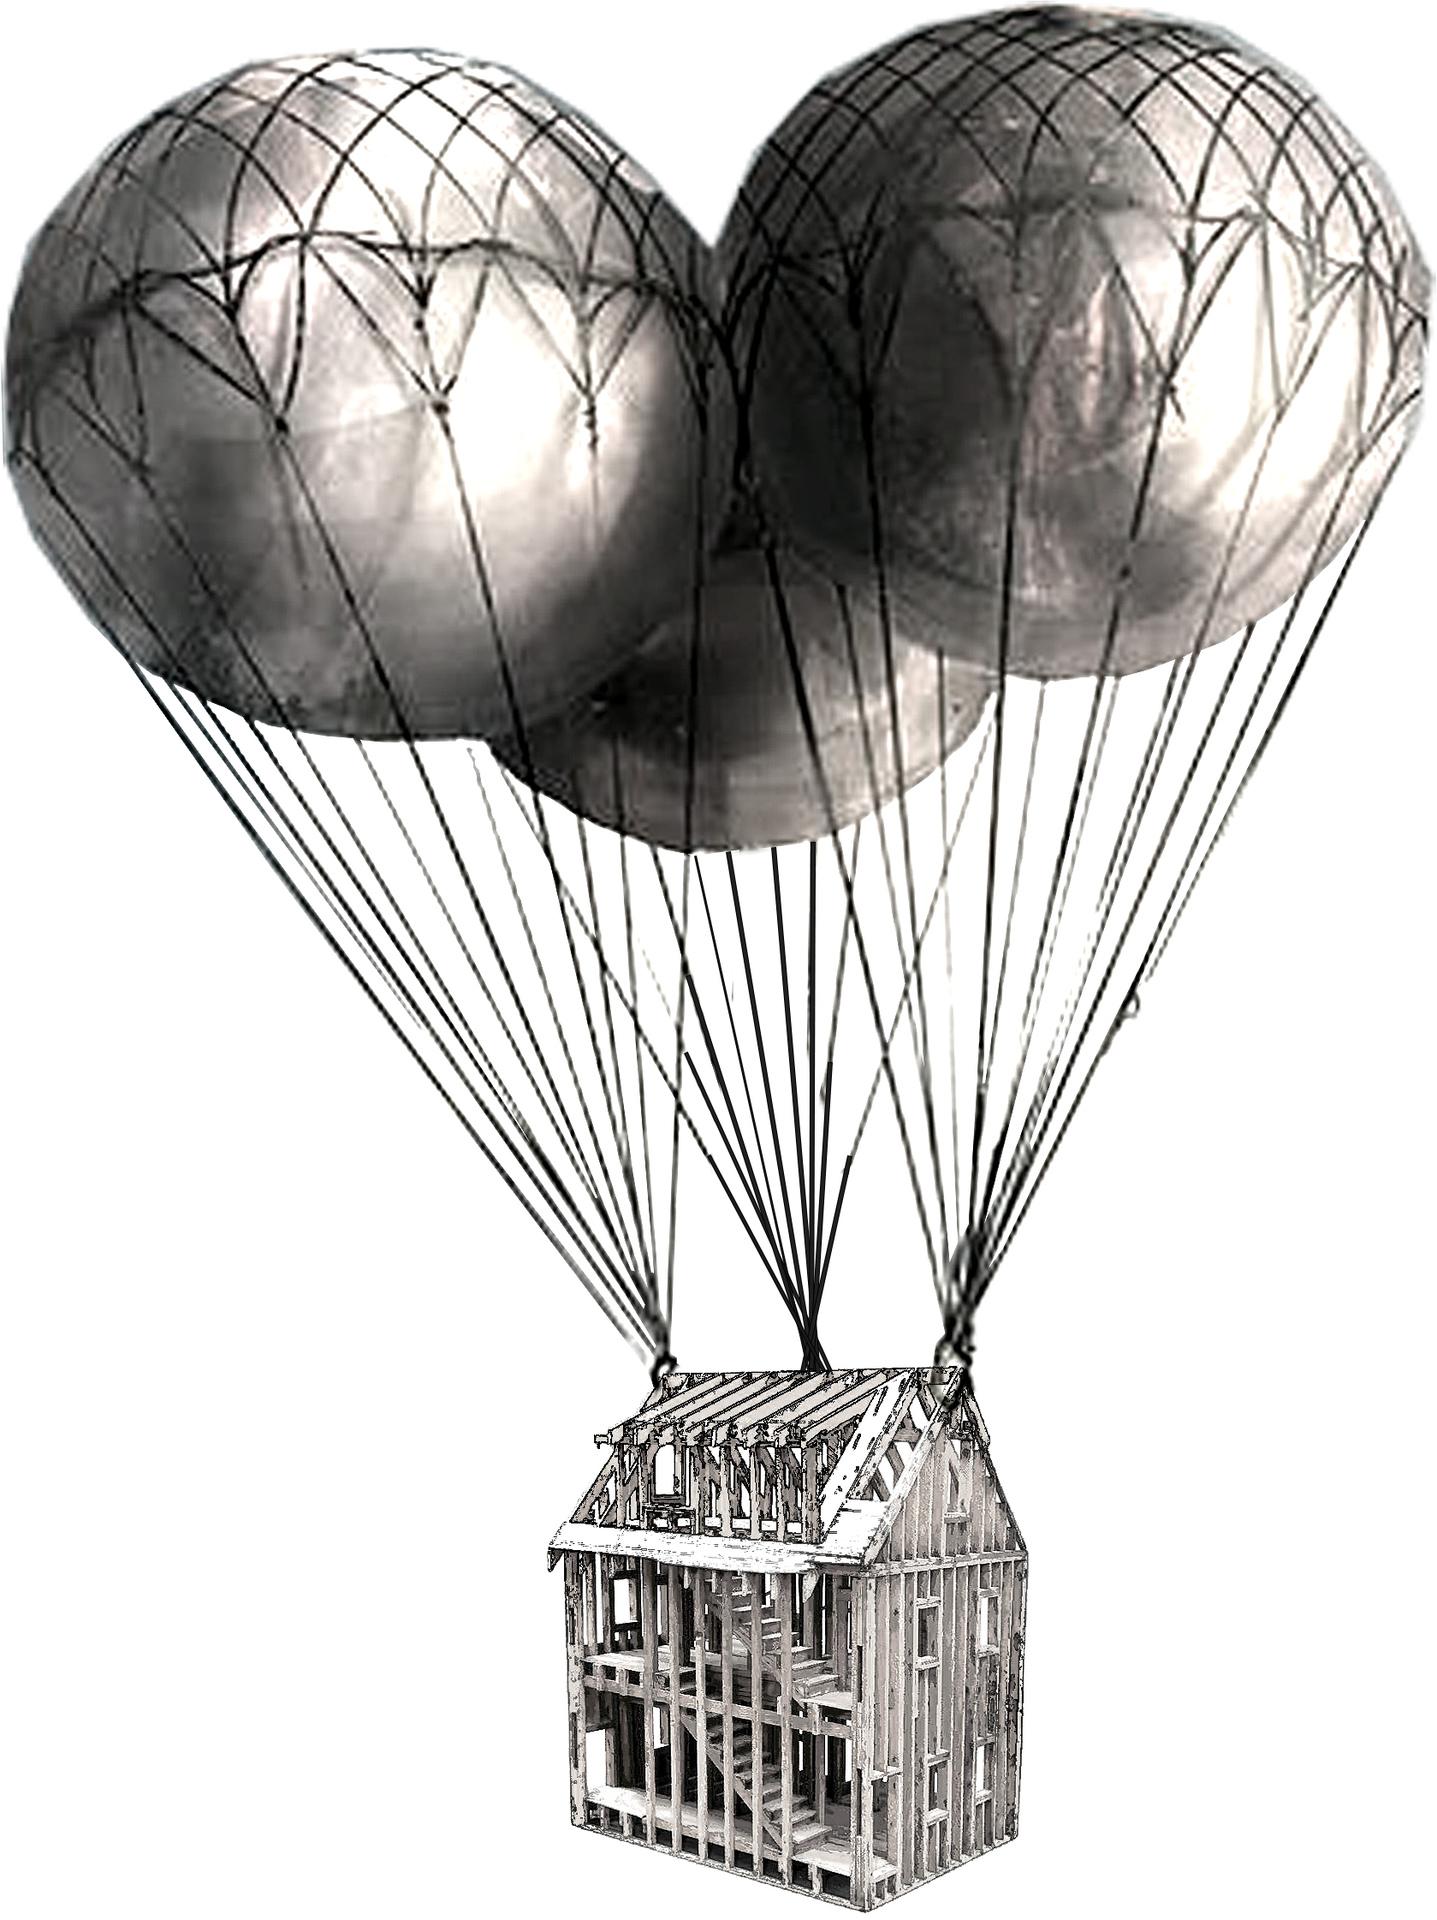 balloon frame house